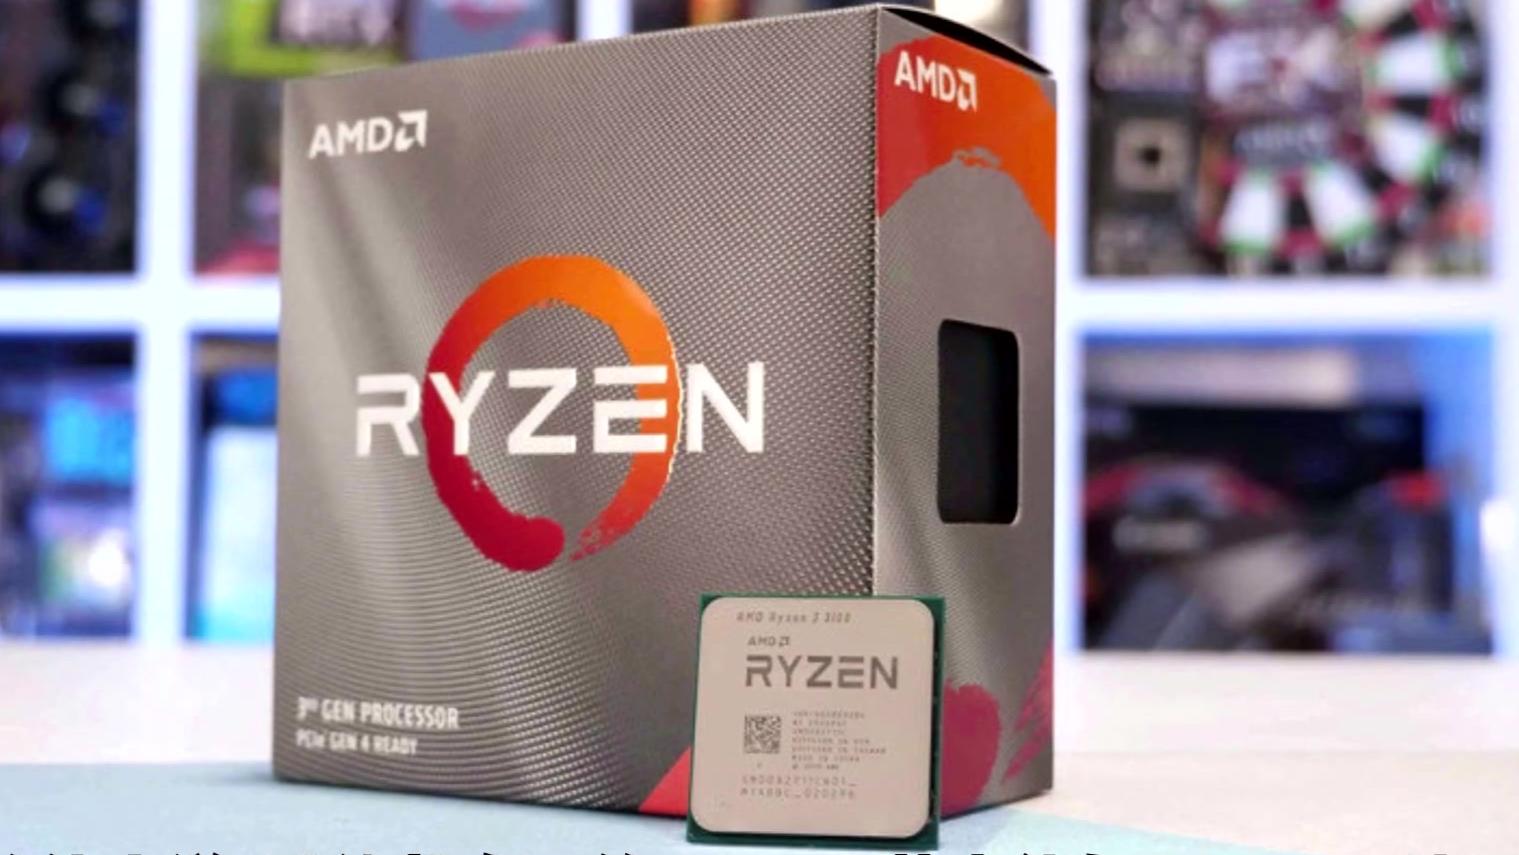 合理利用AMD Ryzen3 3100搭配3500-4000元高性价比主机